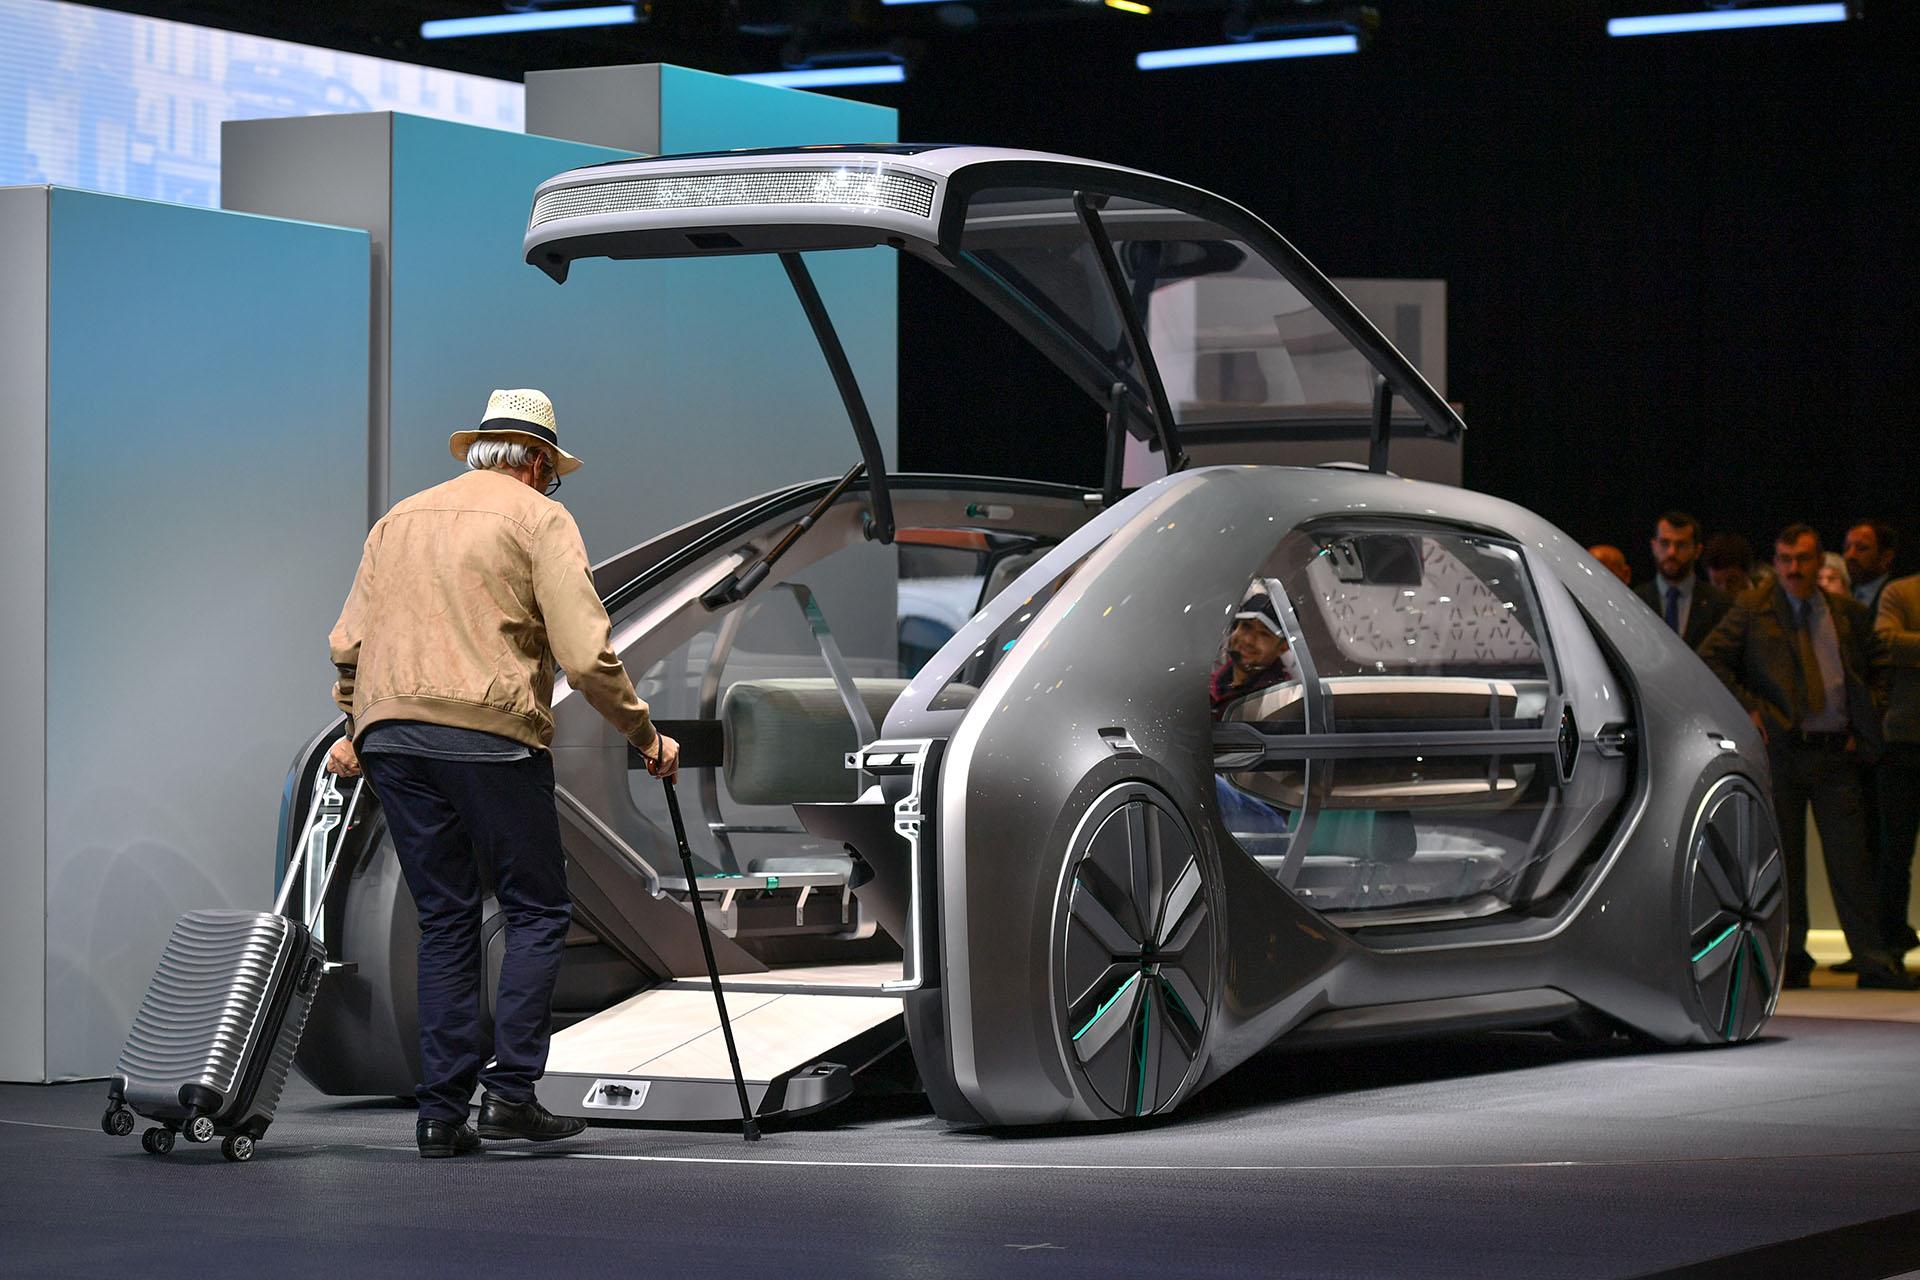 El prototipo EZ-GO es uno de los modelos más exóticos que se exhiben en el Palexpo de la ciudad suiza. El concepto de Renault es autónomo, eléctrico, conectado y un nuevo concepto en movilidad democrática, sin distinciones